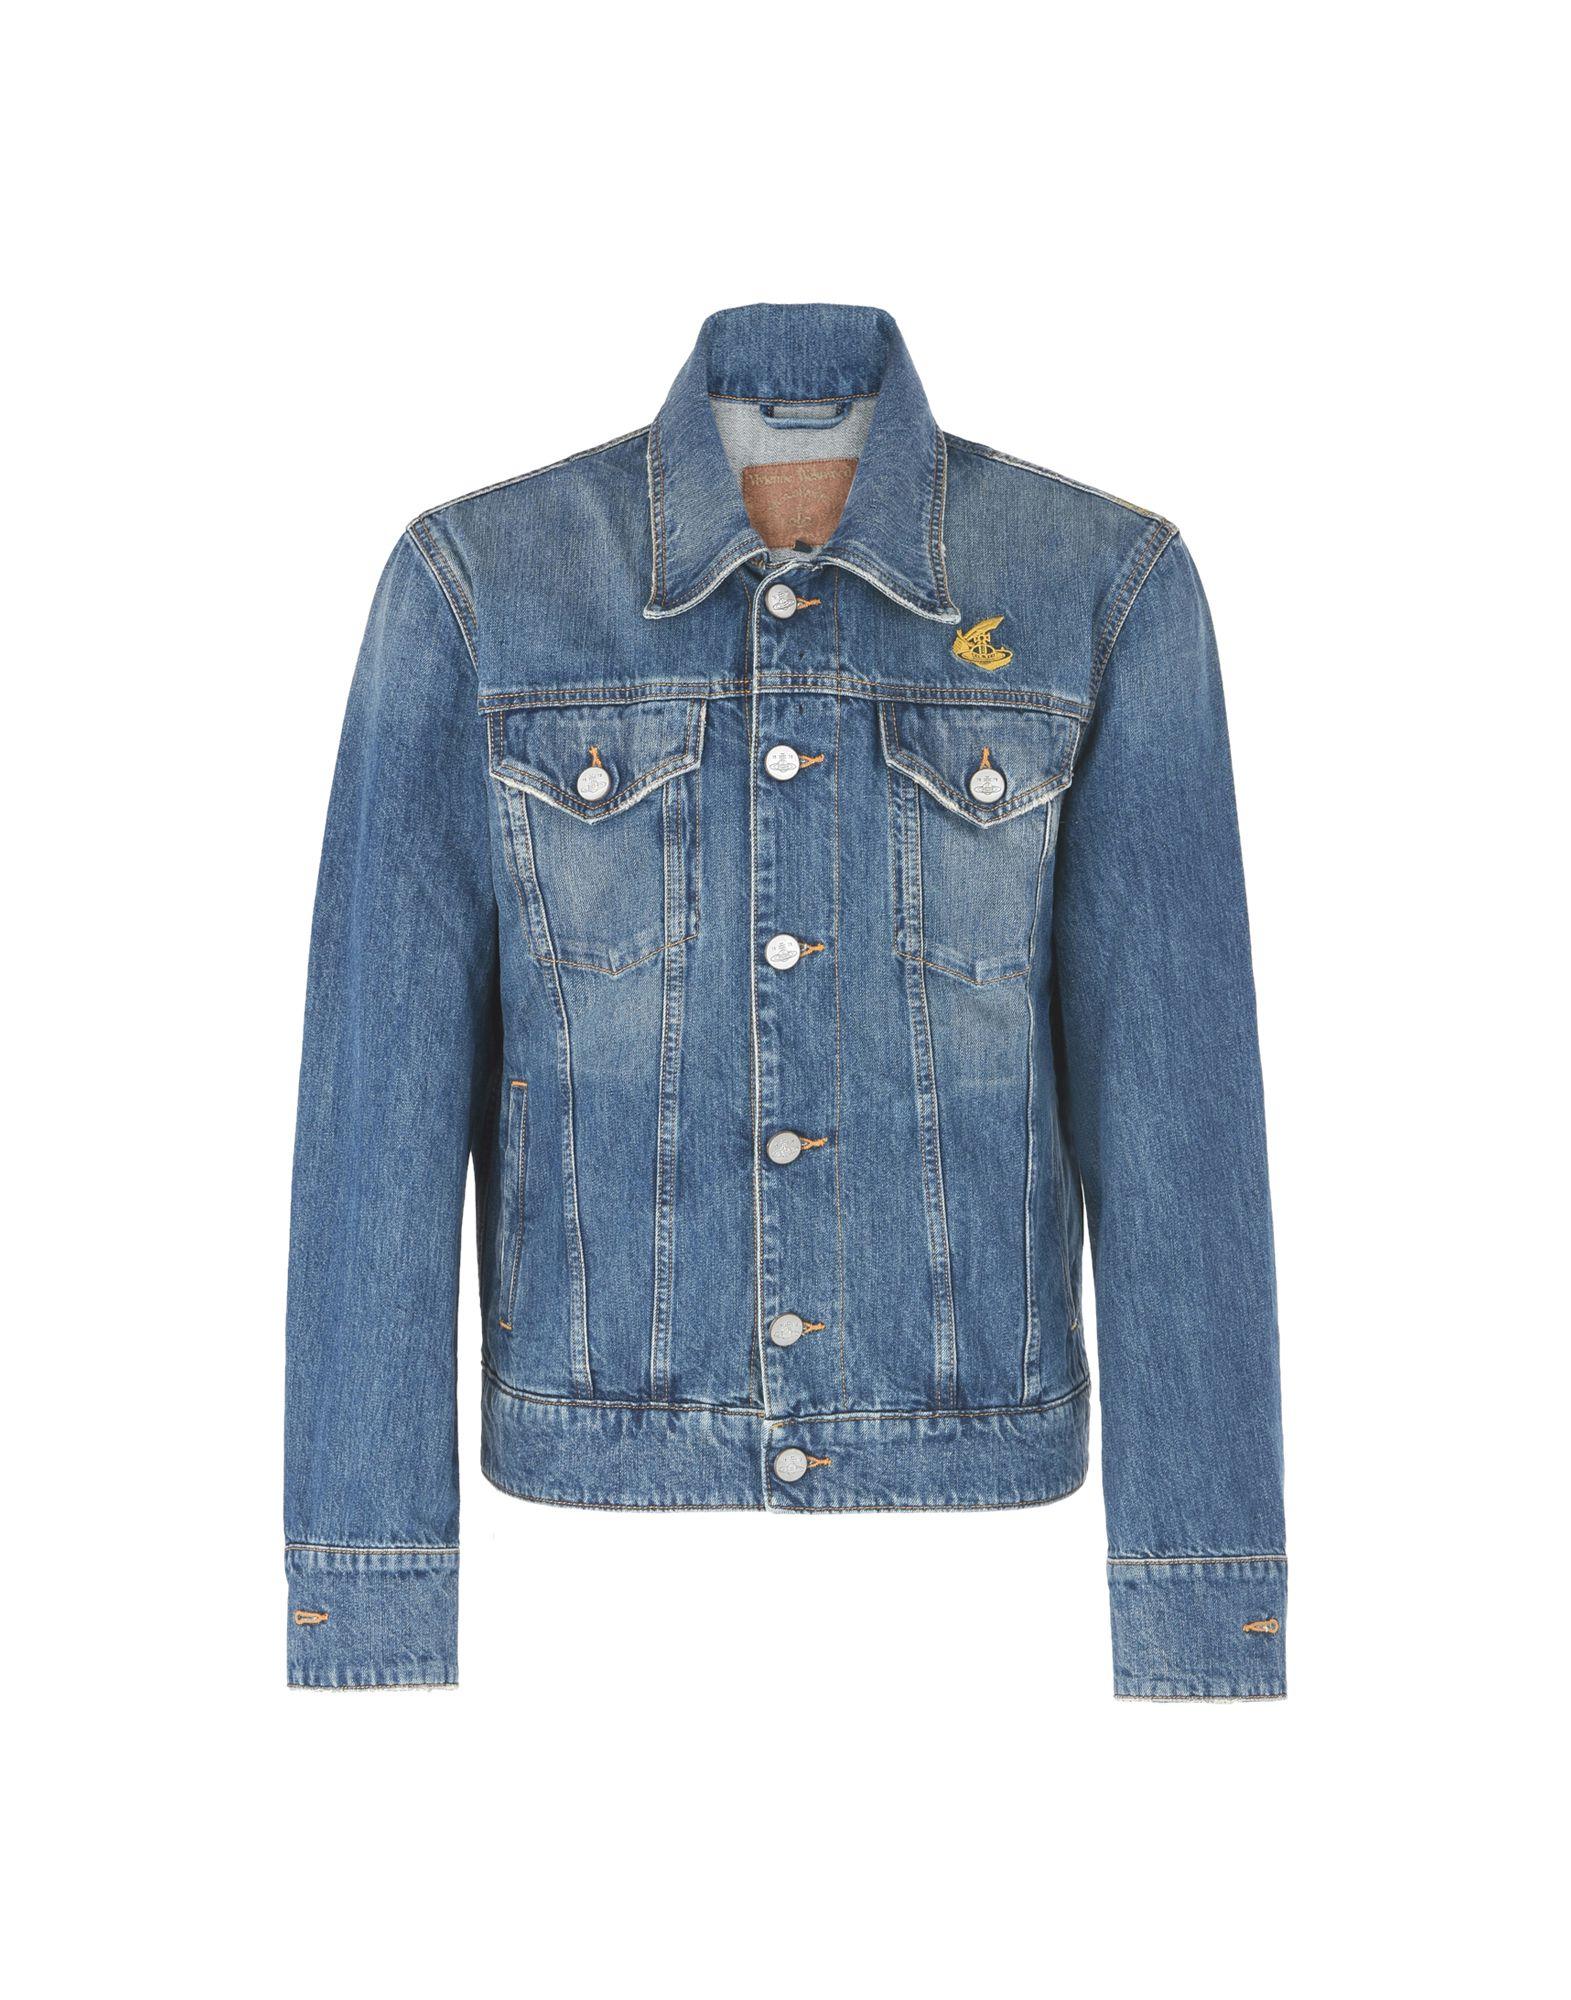 Vivienne Westwood Anglomania New D. Ace Jacket - Denim Jacket - Men ... 3d0e92cc8